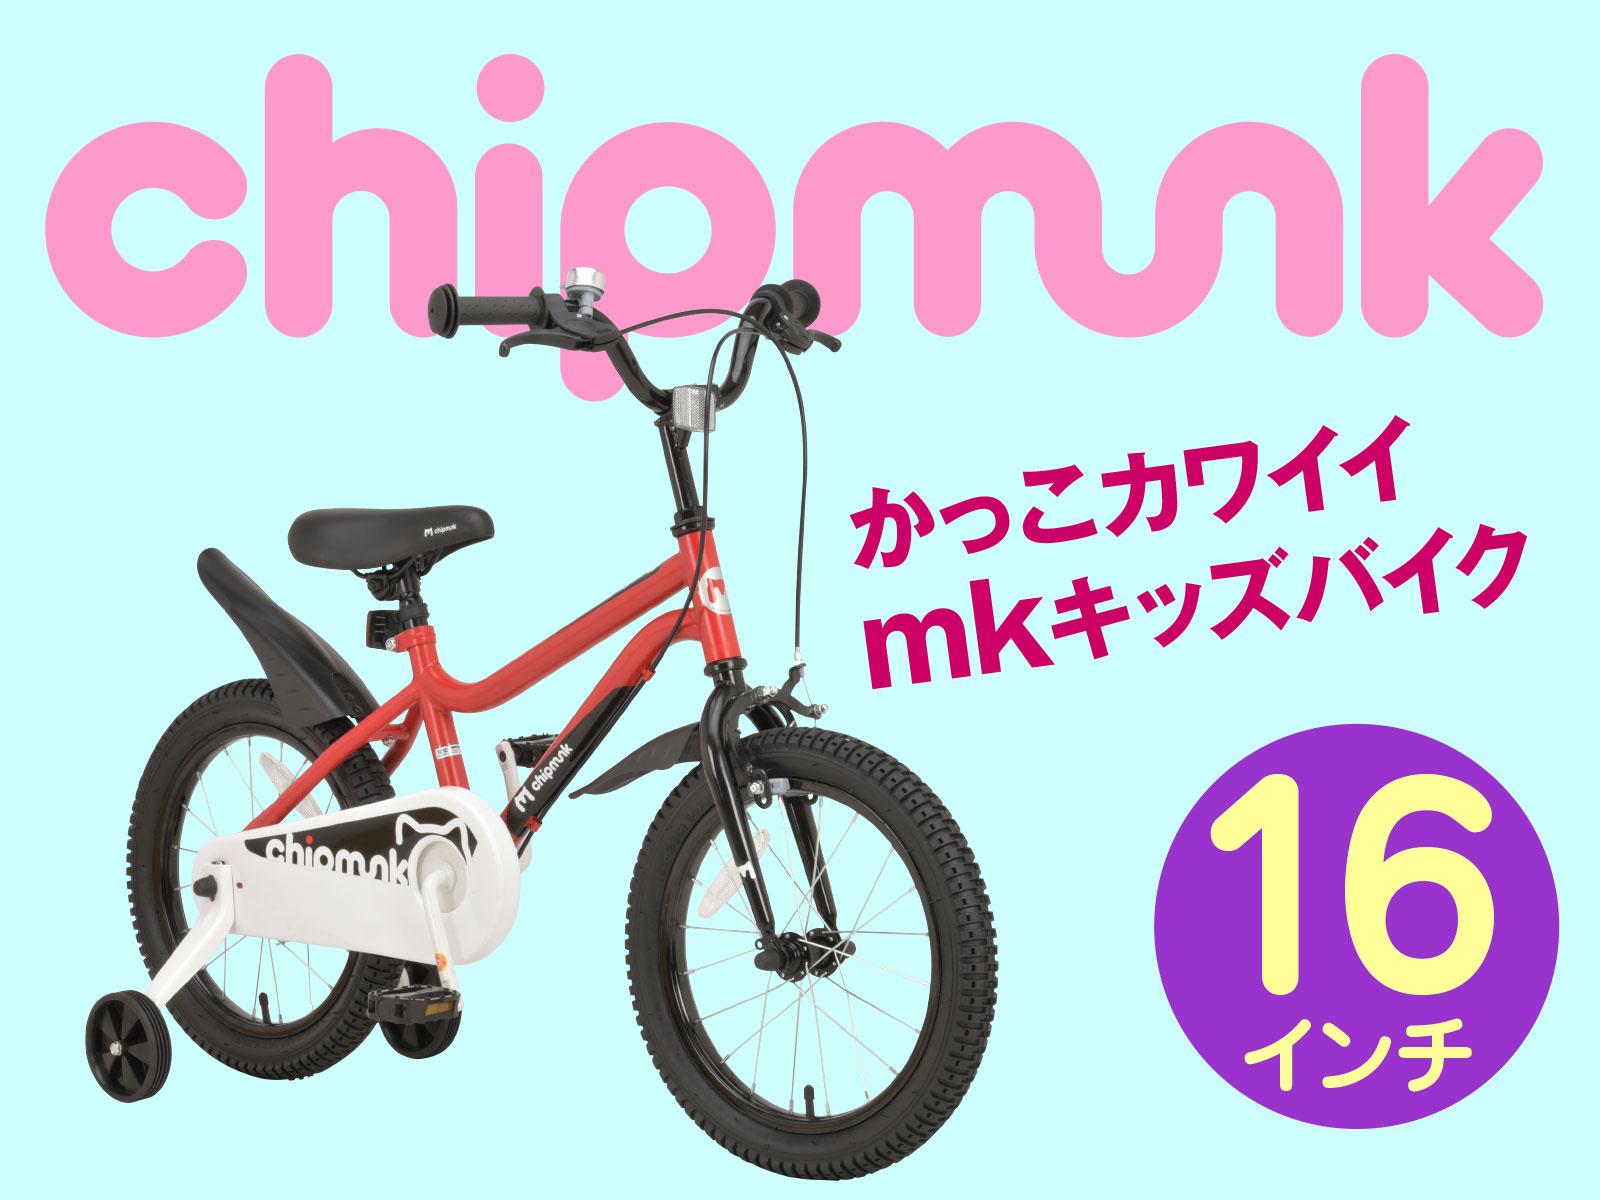 chipmunk_mk16-1